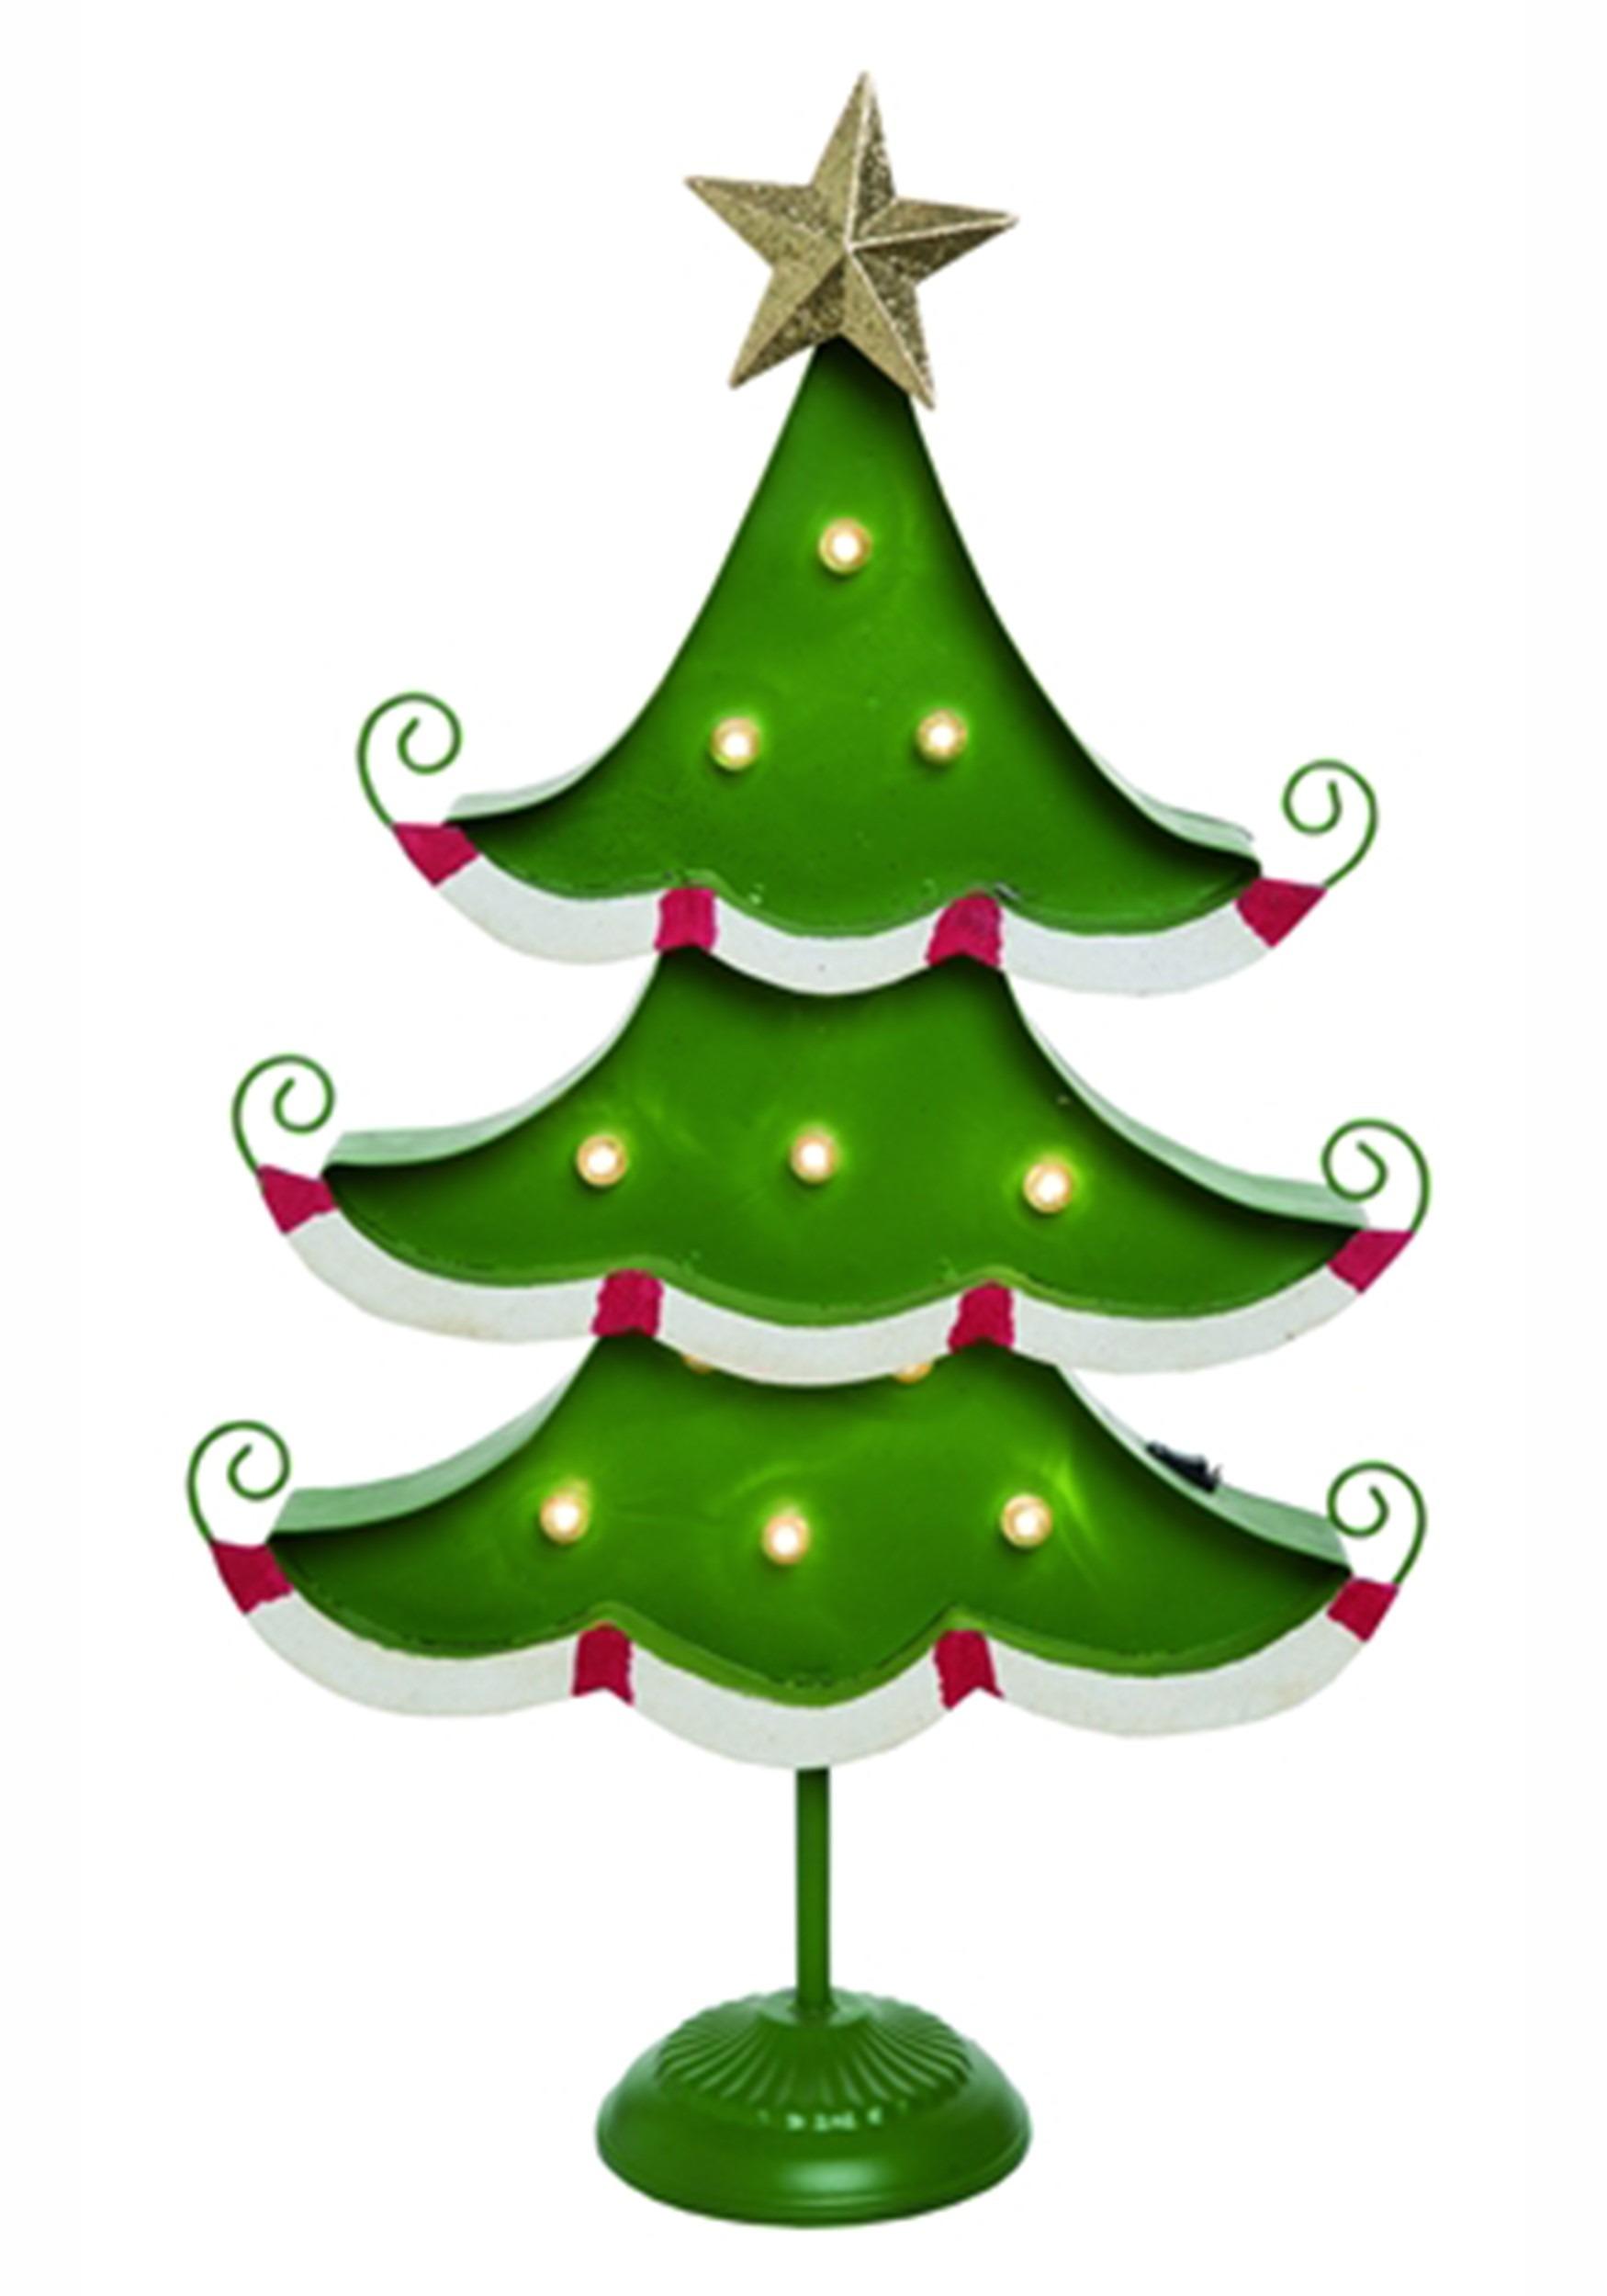 The Metal Light Up Christmas Tree